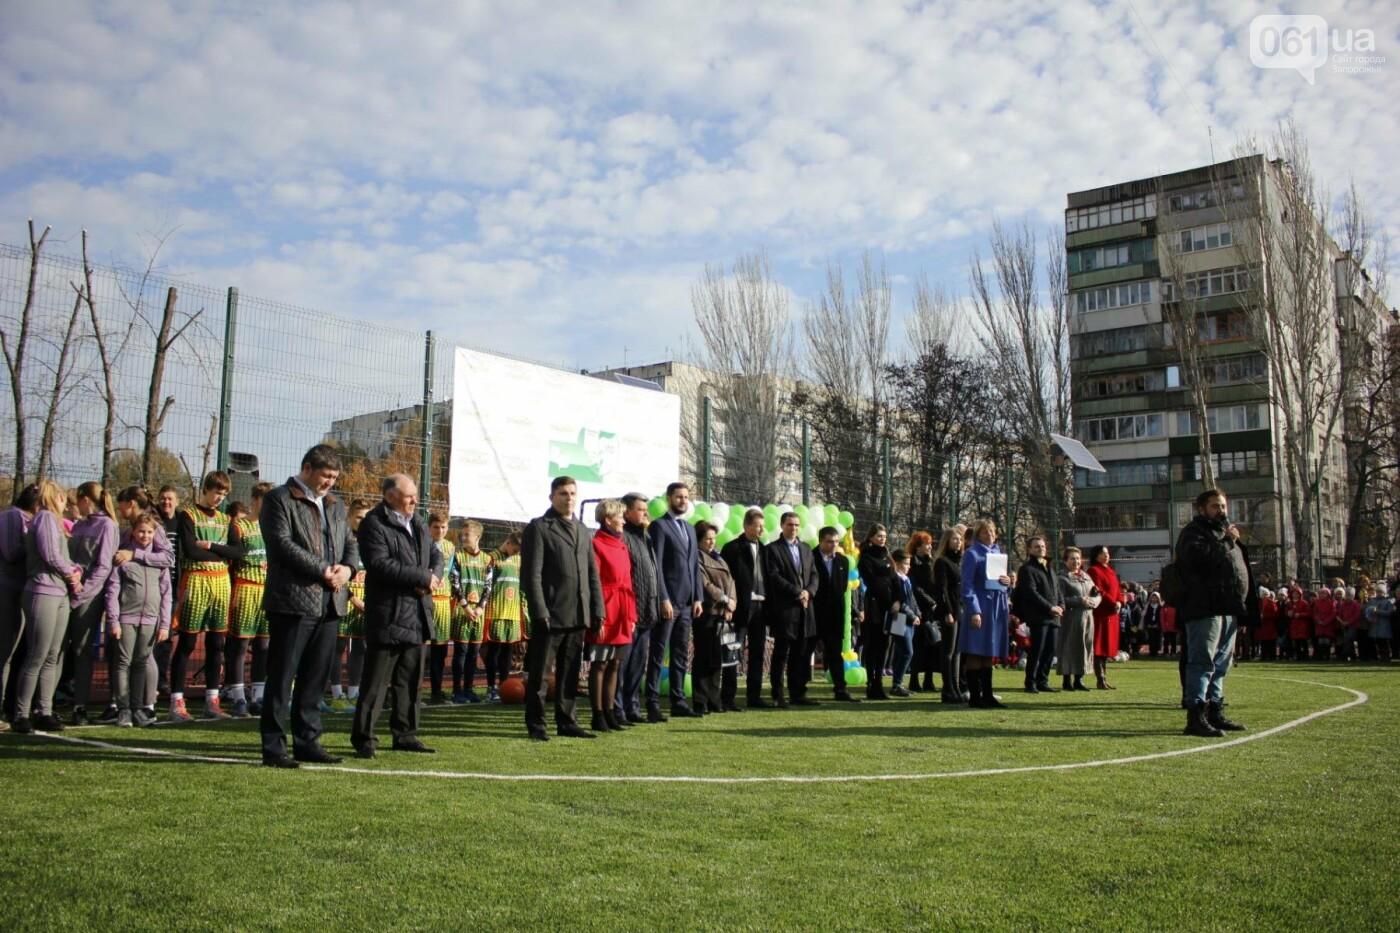 В Бородинском микрорайоне открыли школьный стадион: как это выглядит, - ФОТОРЕПОРТАЖ, фото-2